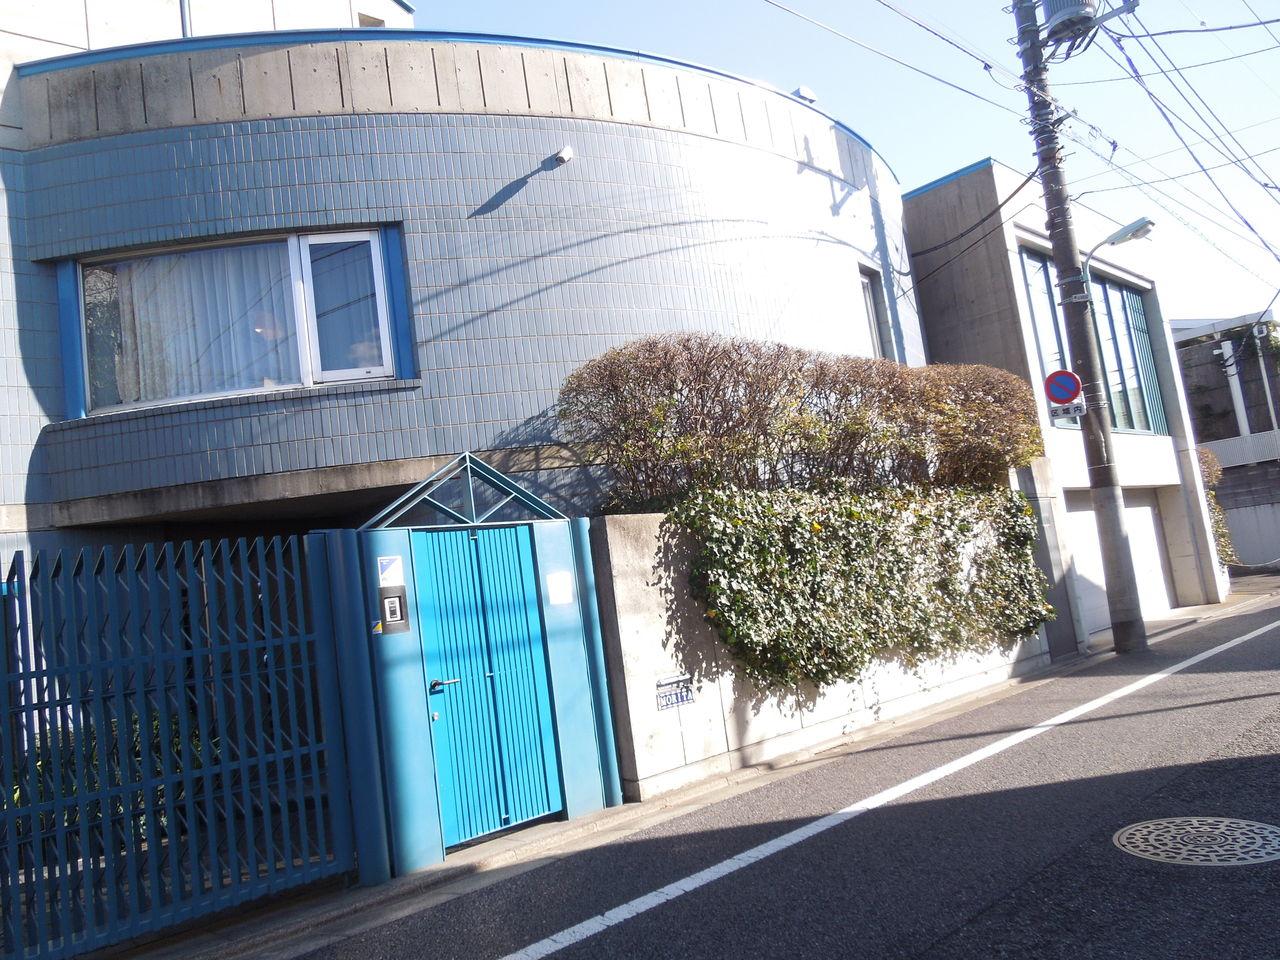 タモリさんの豪邸 : 東京都内の豪邸探索ブログ